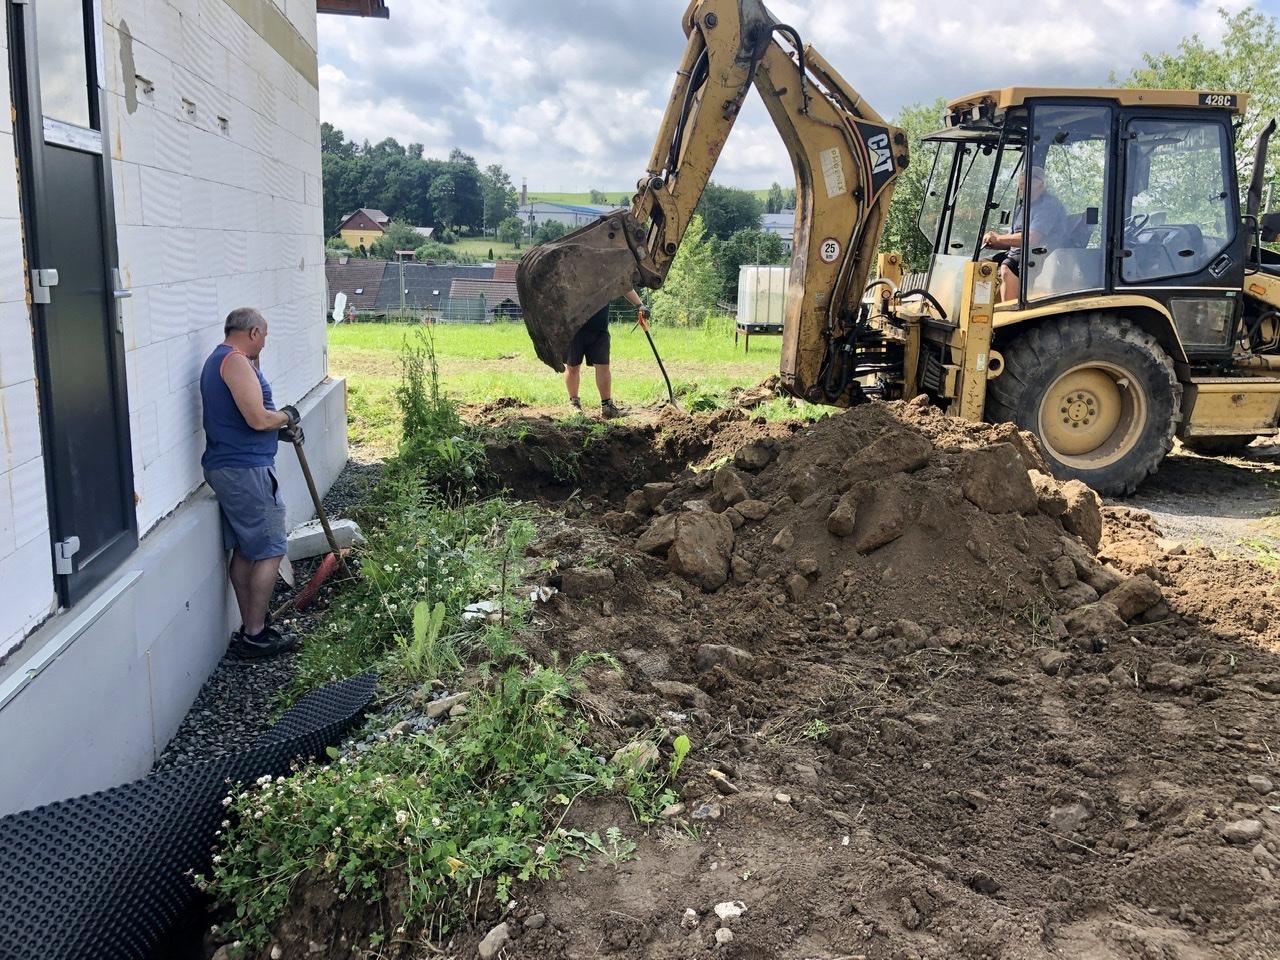 Dům u polí - stavba kolem a venku - Výkop pro přívod vody ze studny a kabel pro čerpadlo